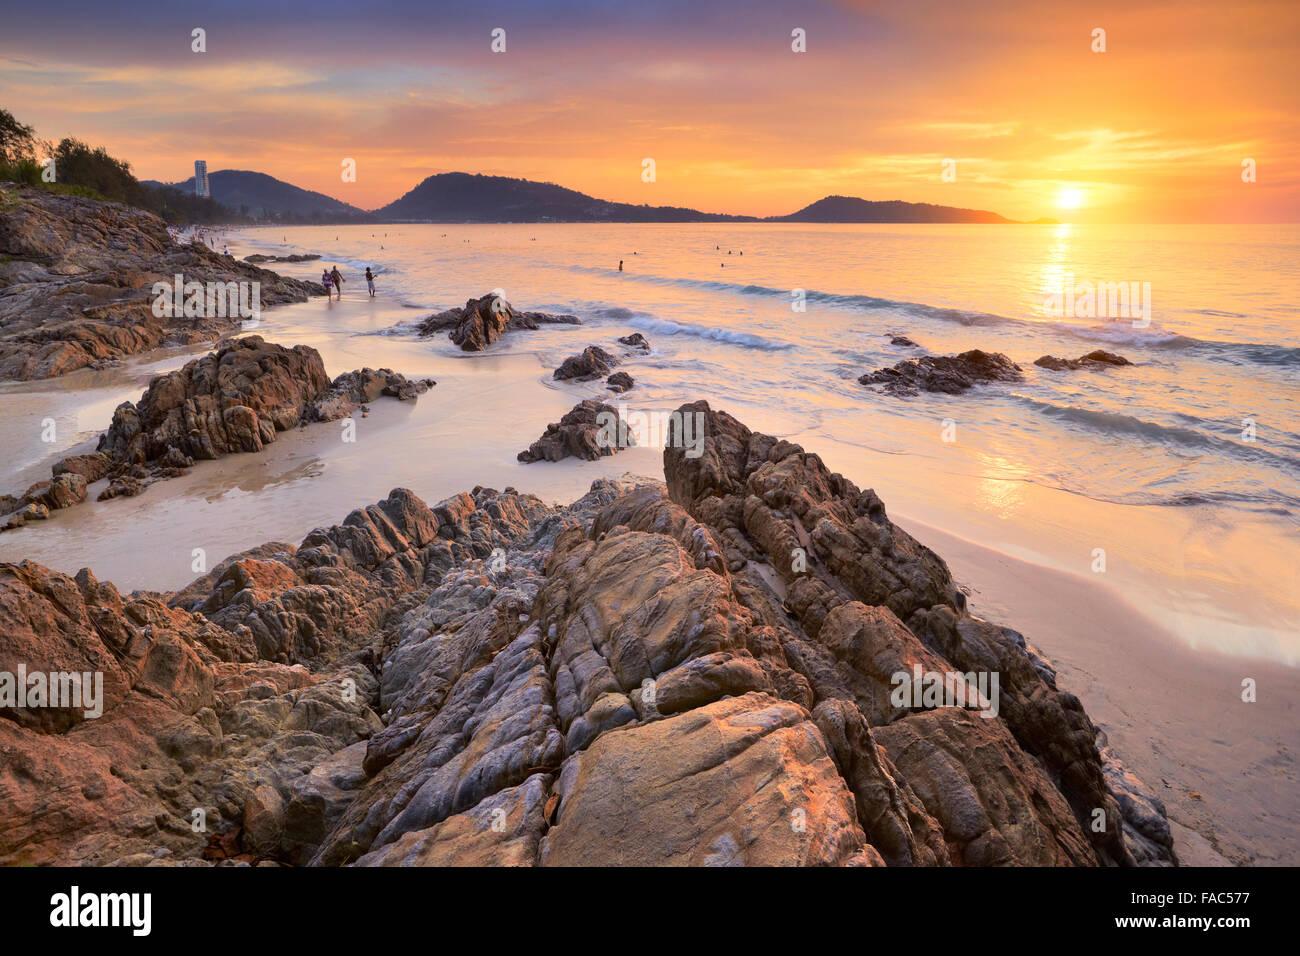 Tailandia - La isla de Phuket, Patong Beach tropical al atardecer el tiempo Imagen De Stock